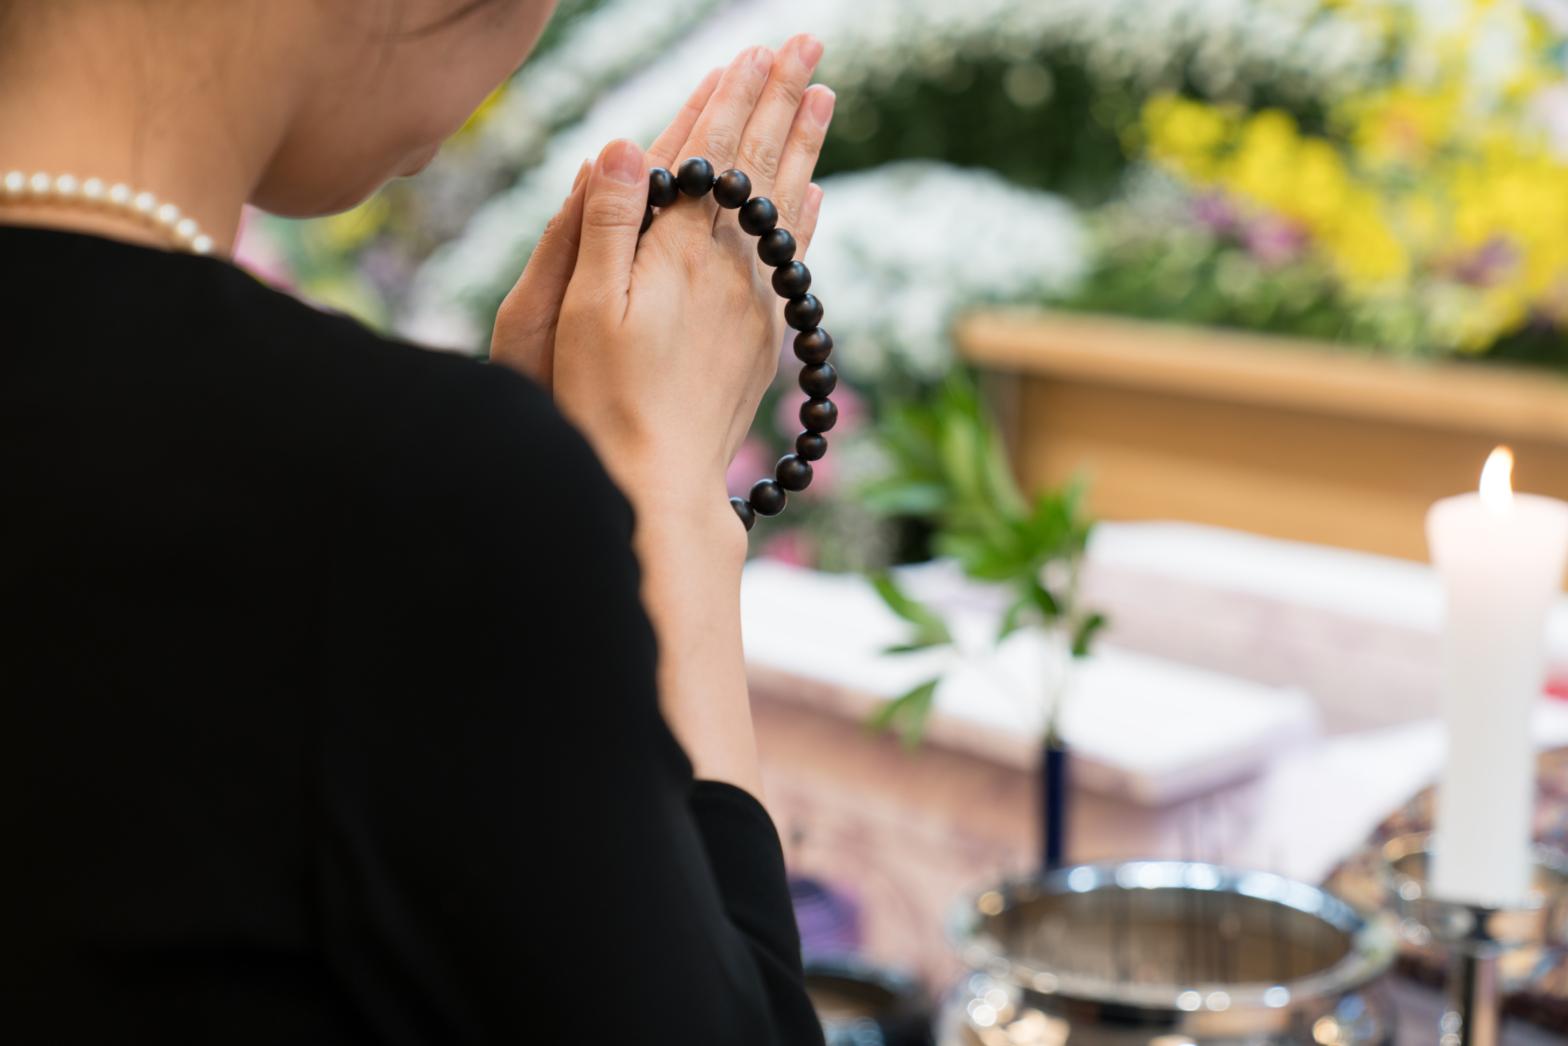 葬儀の際に焼香をあげている参列者